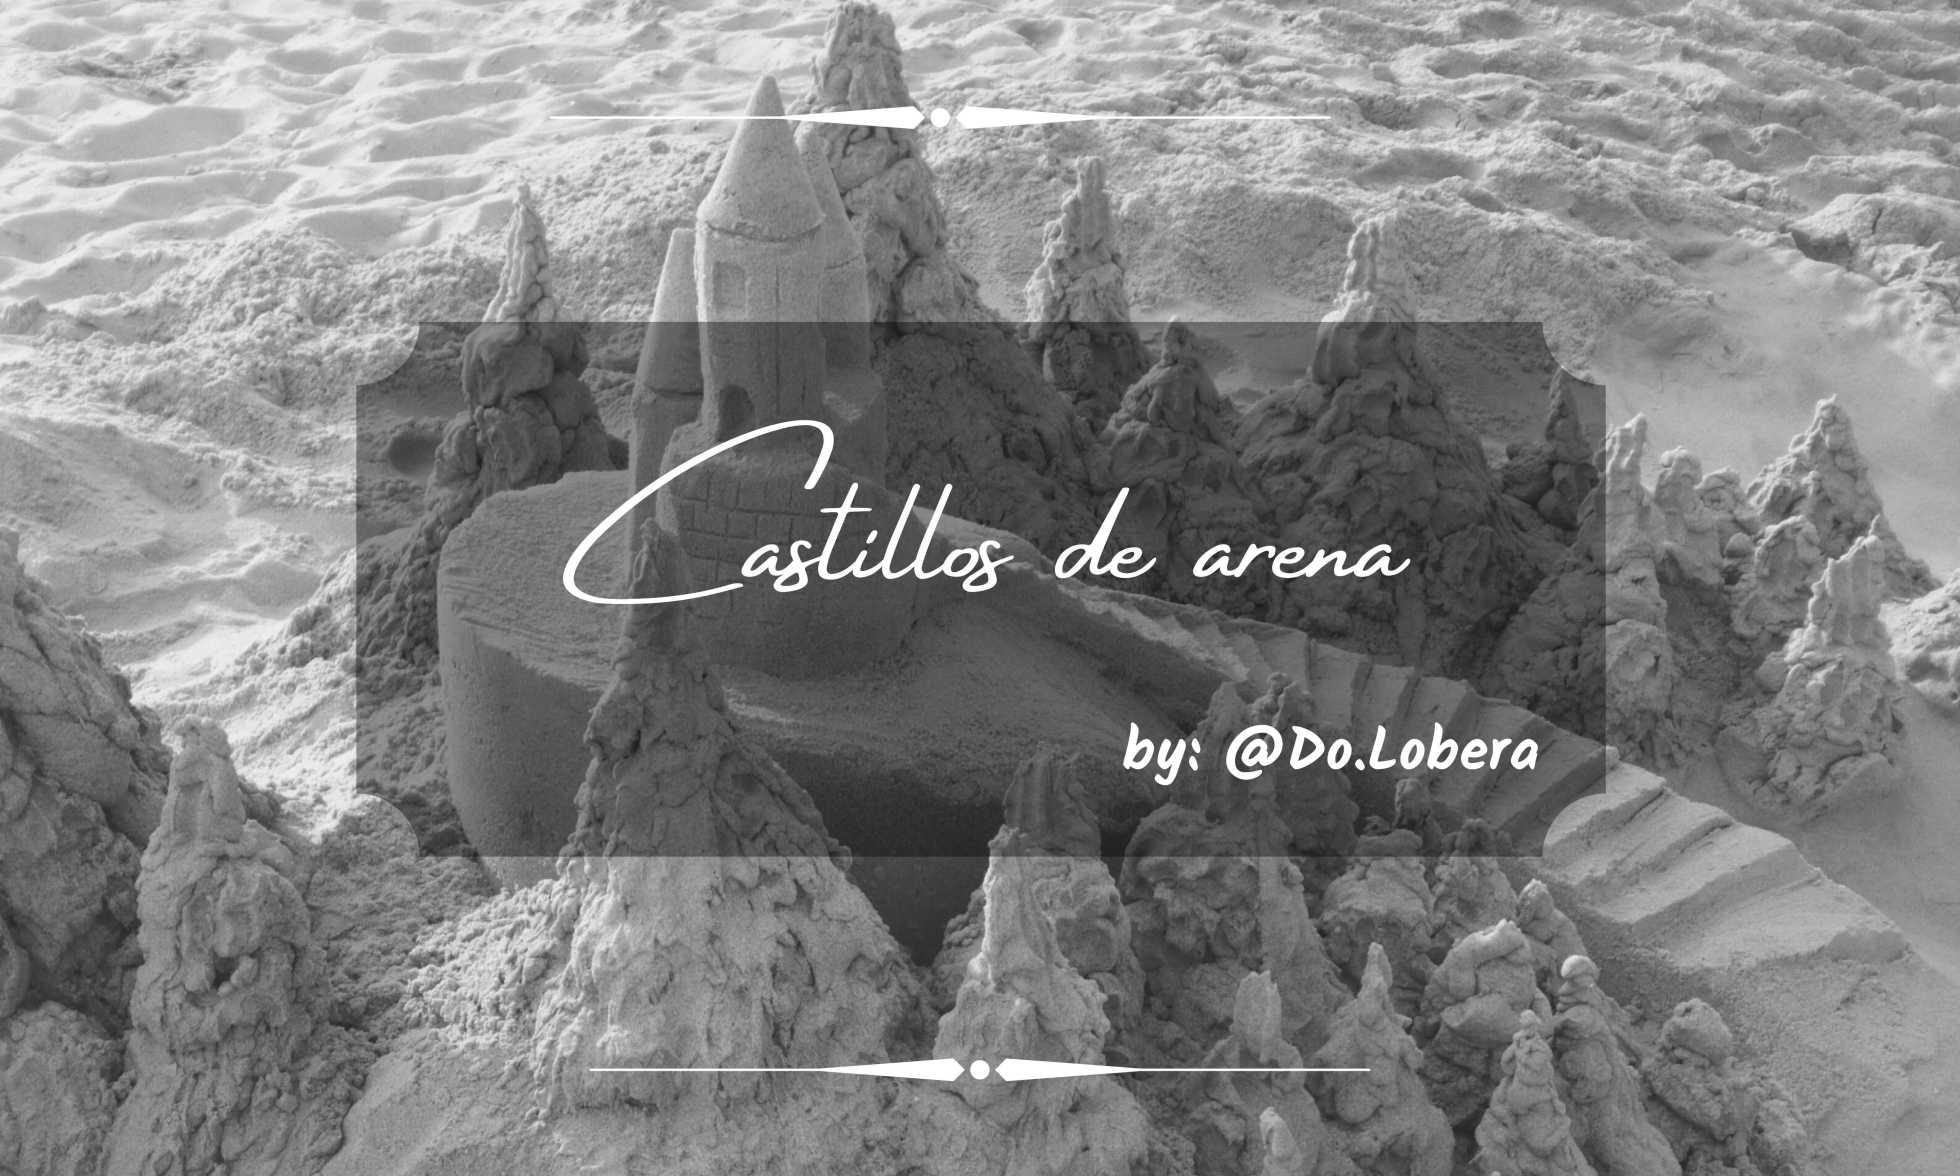 Castillos de arena - by Do.Lobera